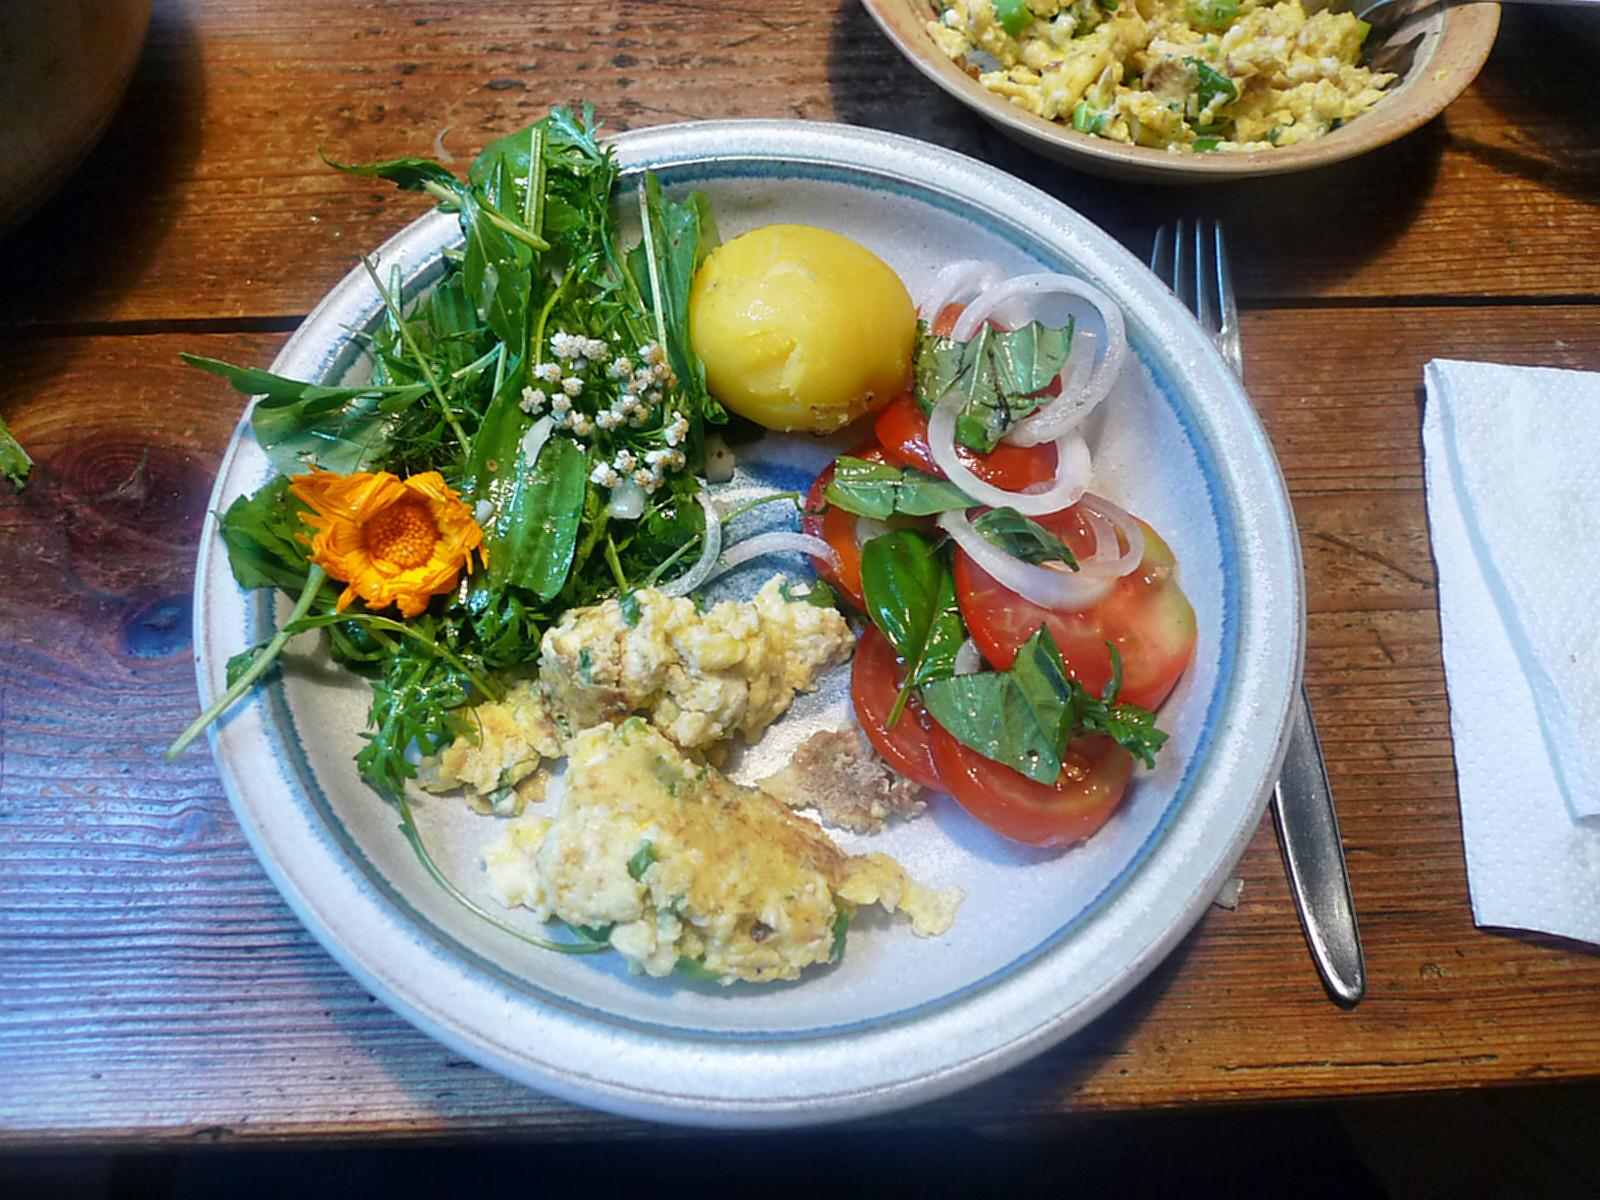 Rührei-Wildkräutersalat-Tomatensalat-Kartoffeln-25.7.14   (11)